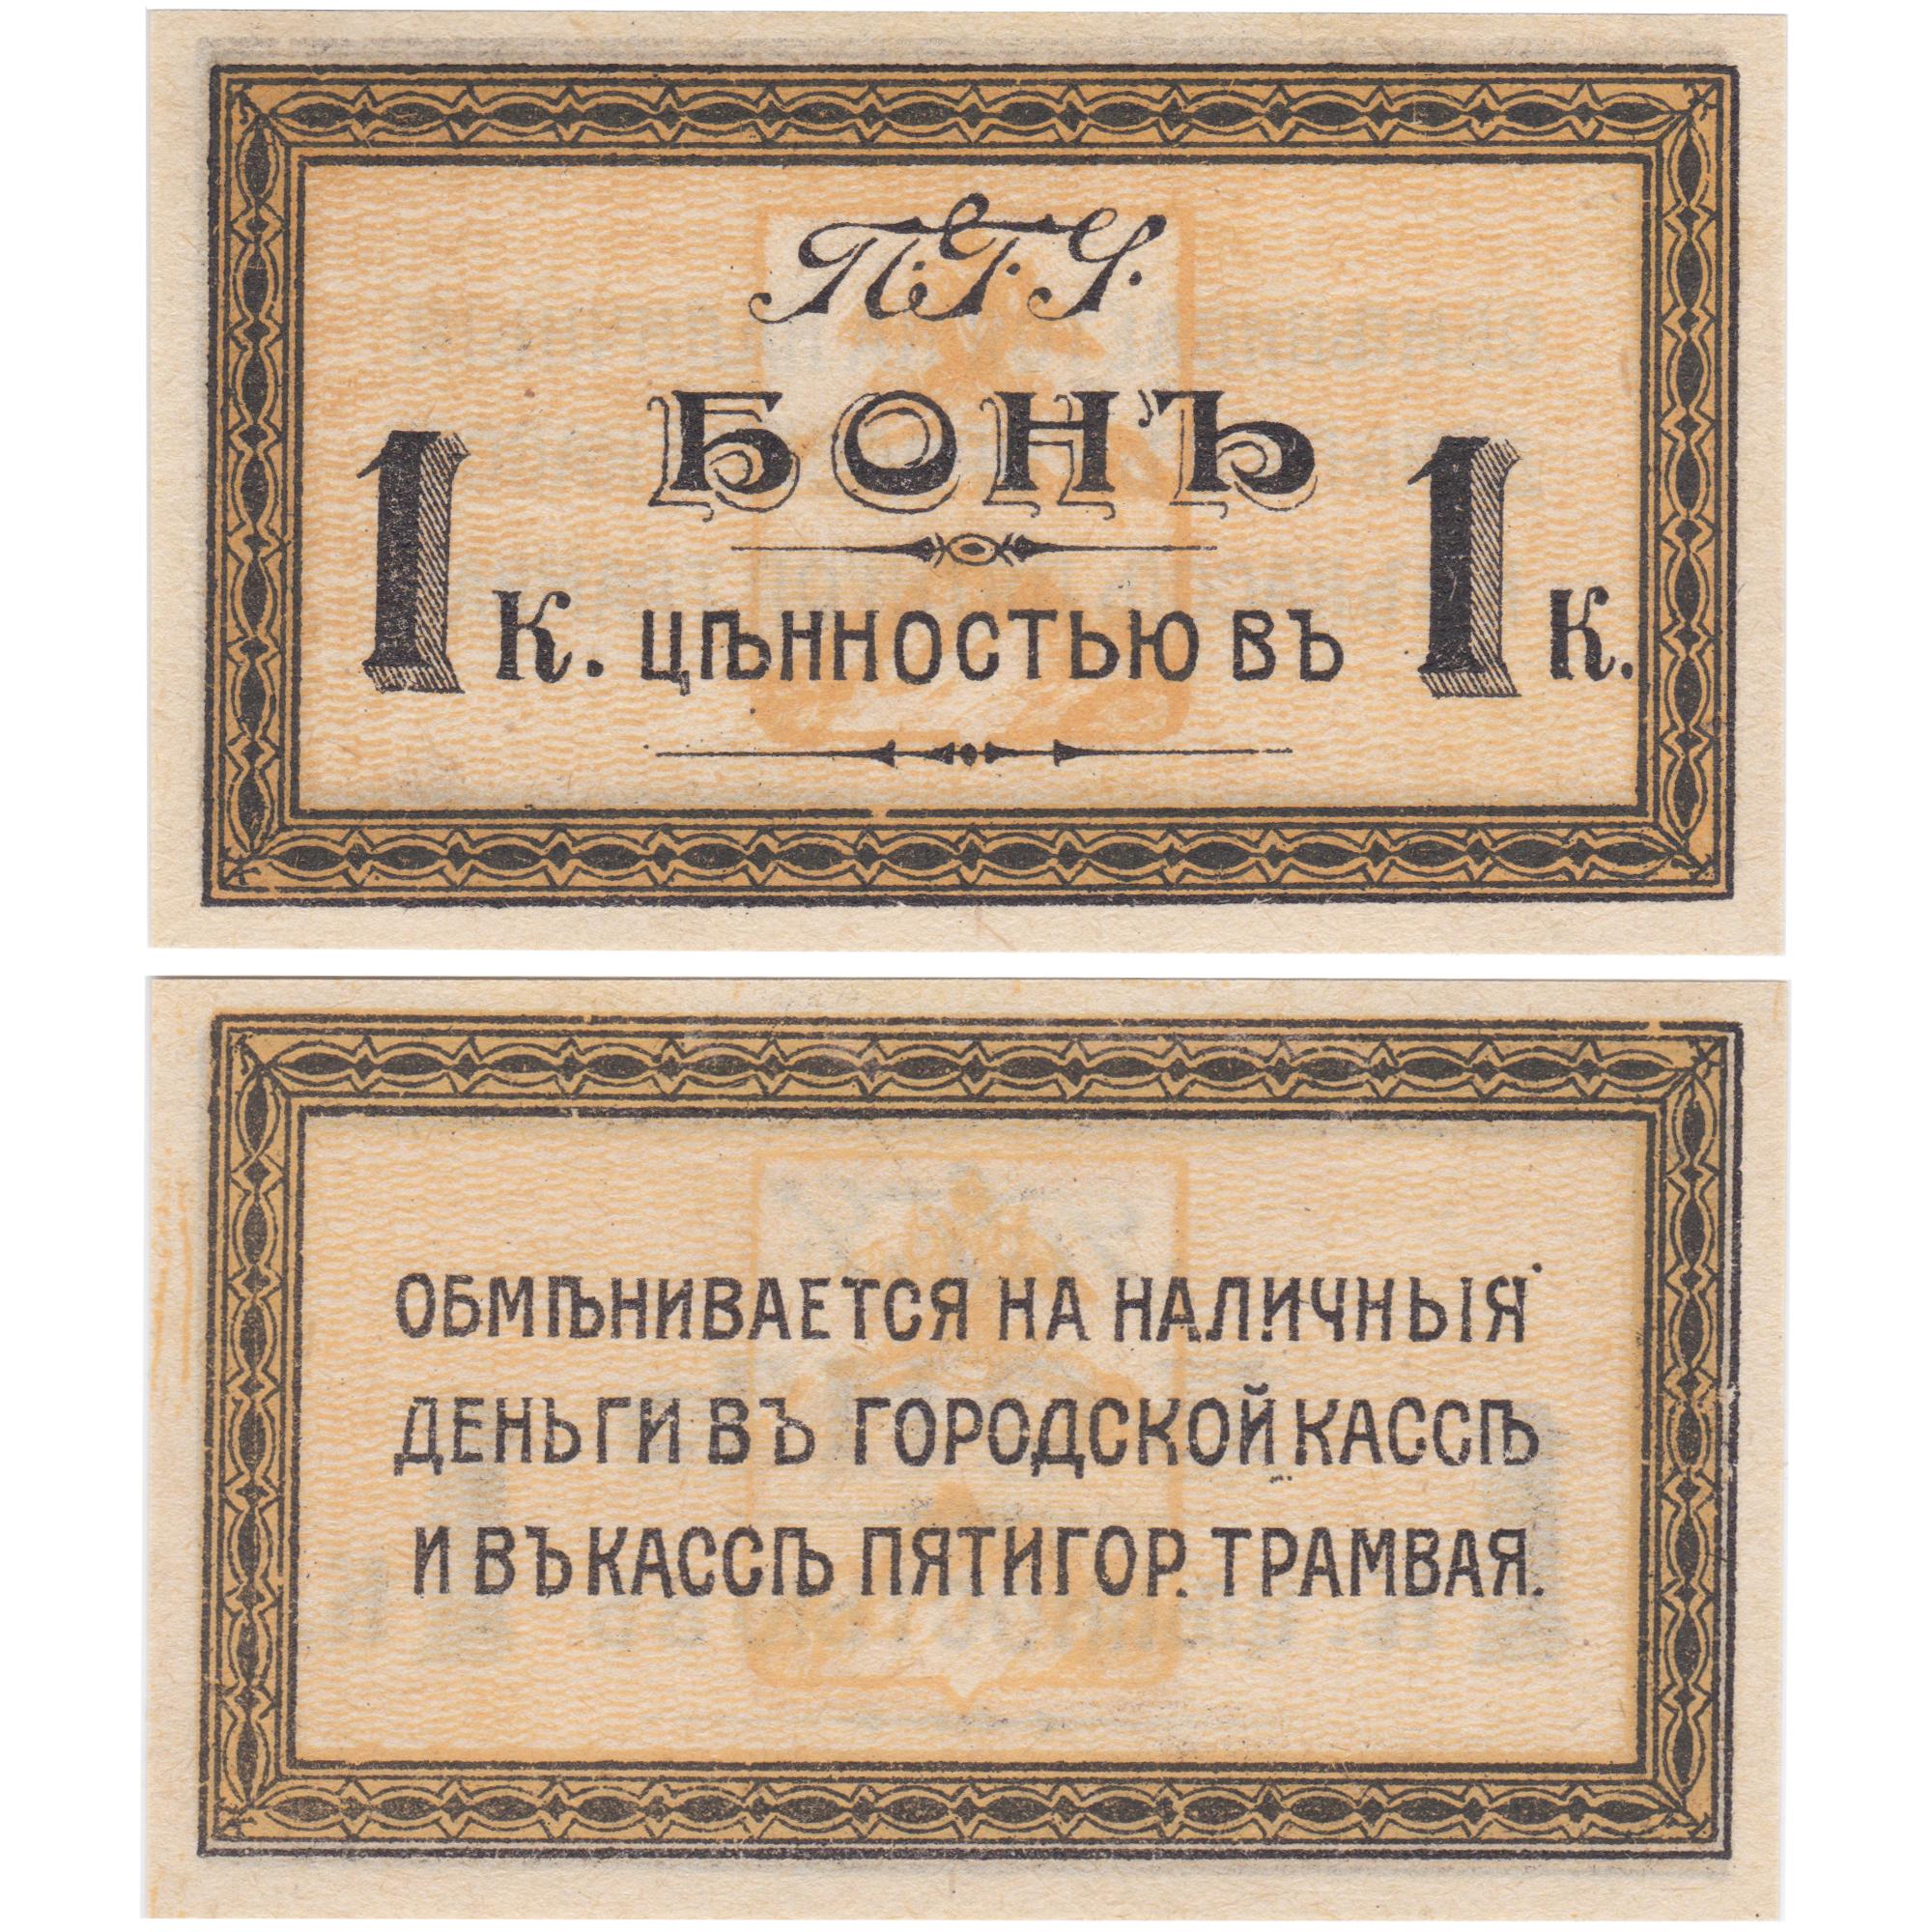 Бон ценностью в 1 Копейку 1918 год. Пятигорское городское управление